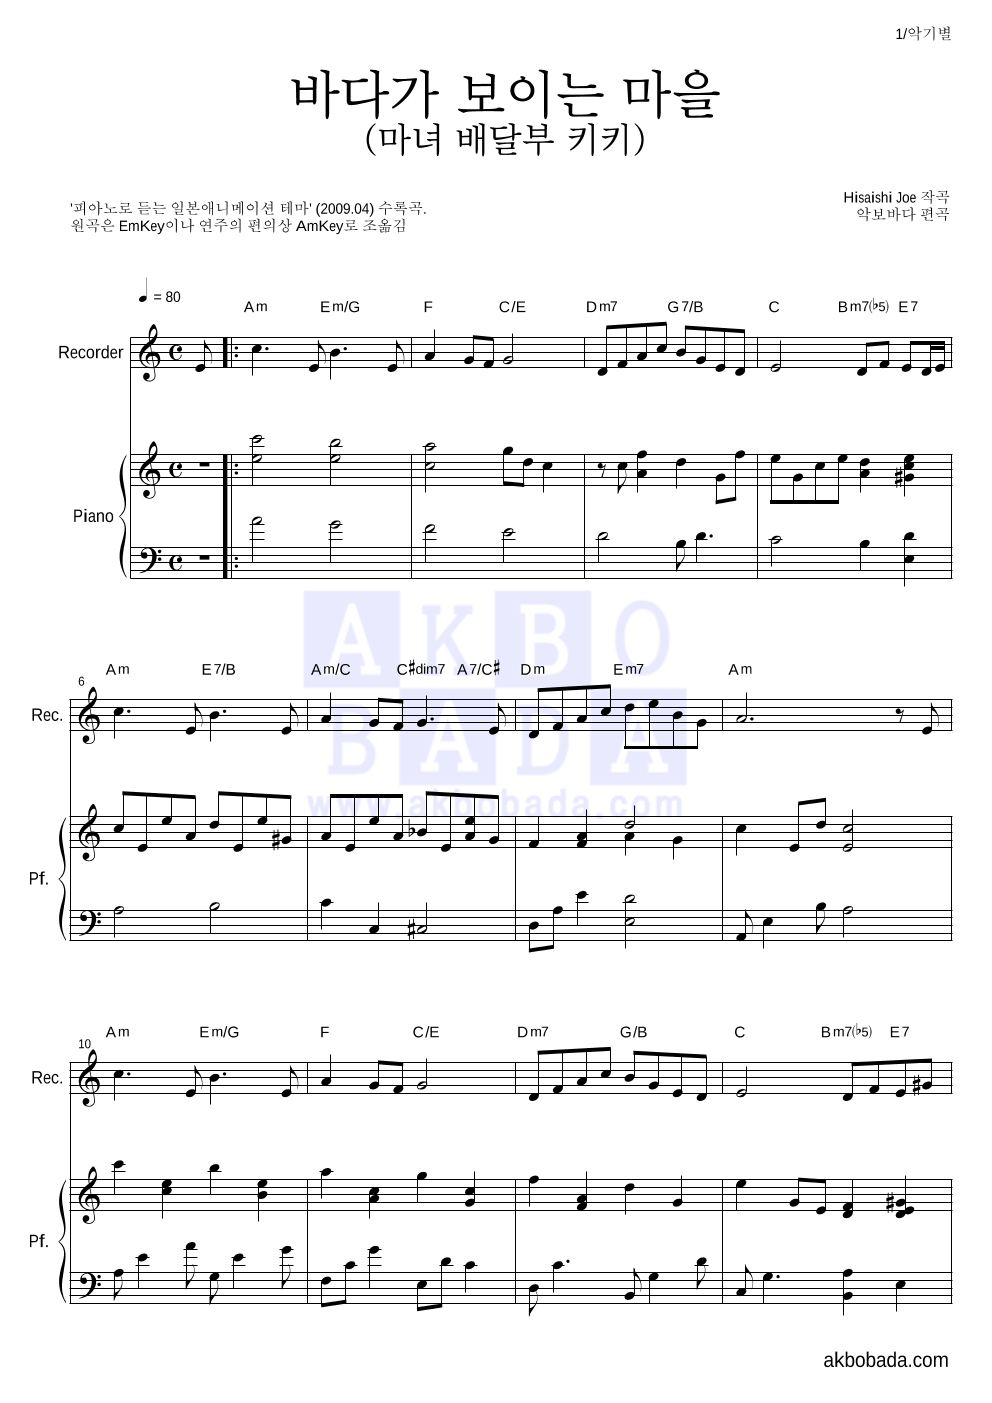 Hisaishi Joe - 海の見える街 / 바다가 보이는 마을 (마녀 배달부 키키) 리코더&피아노 악보